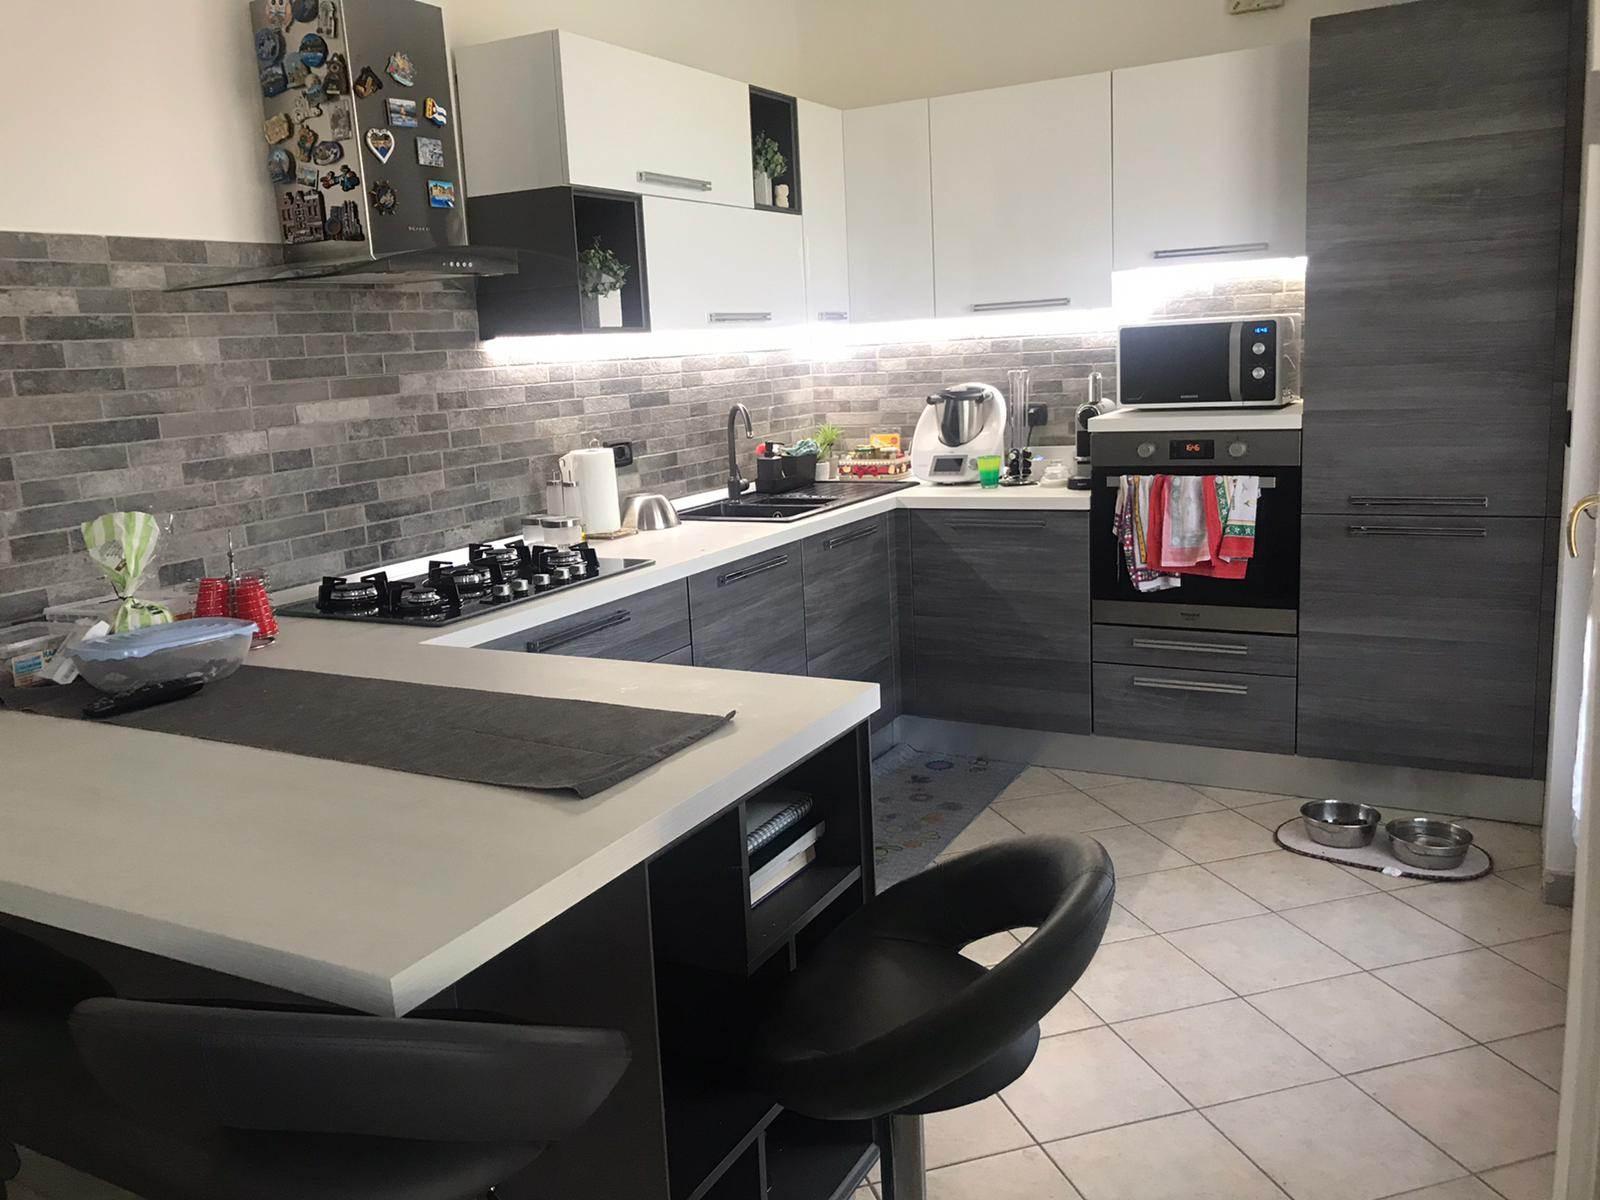 appartamento-in-vendita-3-locali-san-senone-al-lambro-trilocale-spaziourbano-immobiliare-vende-4